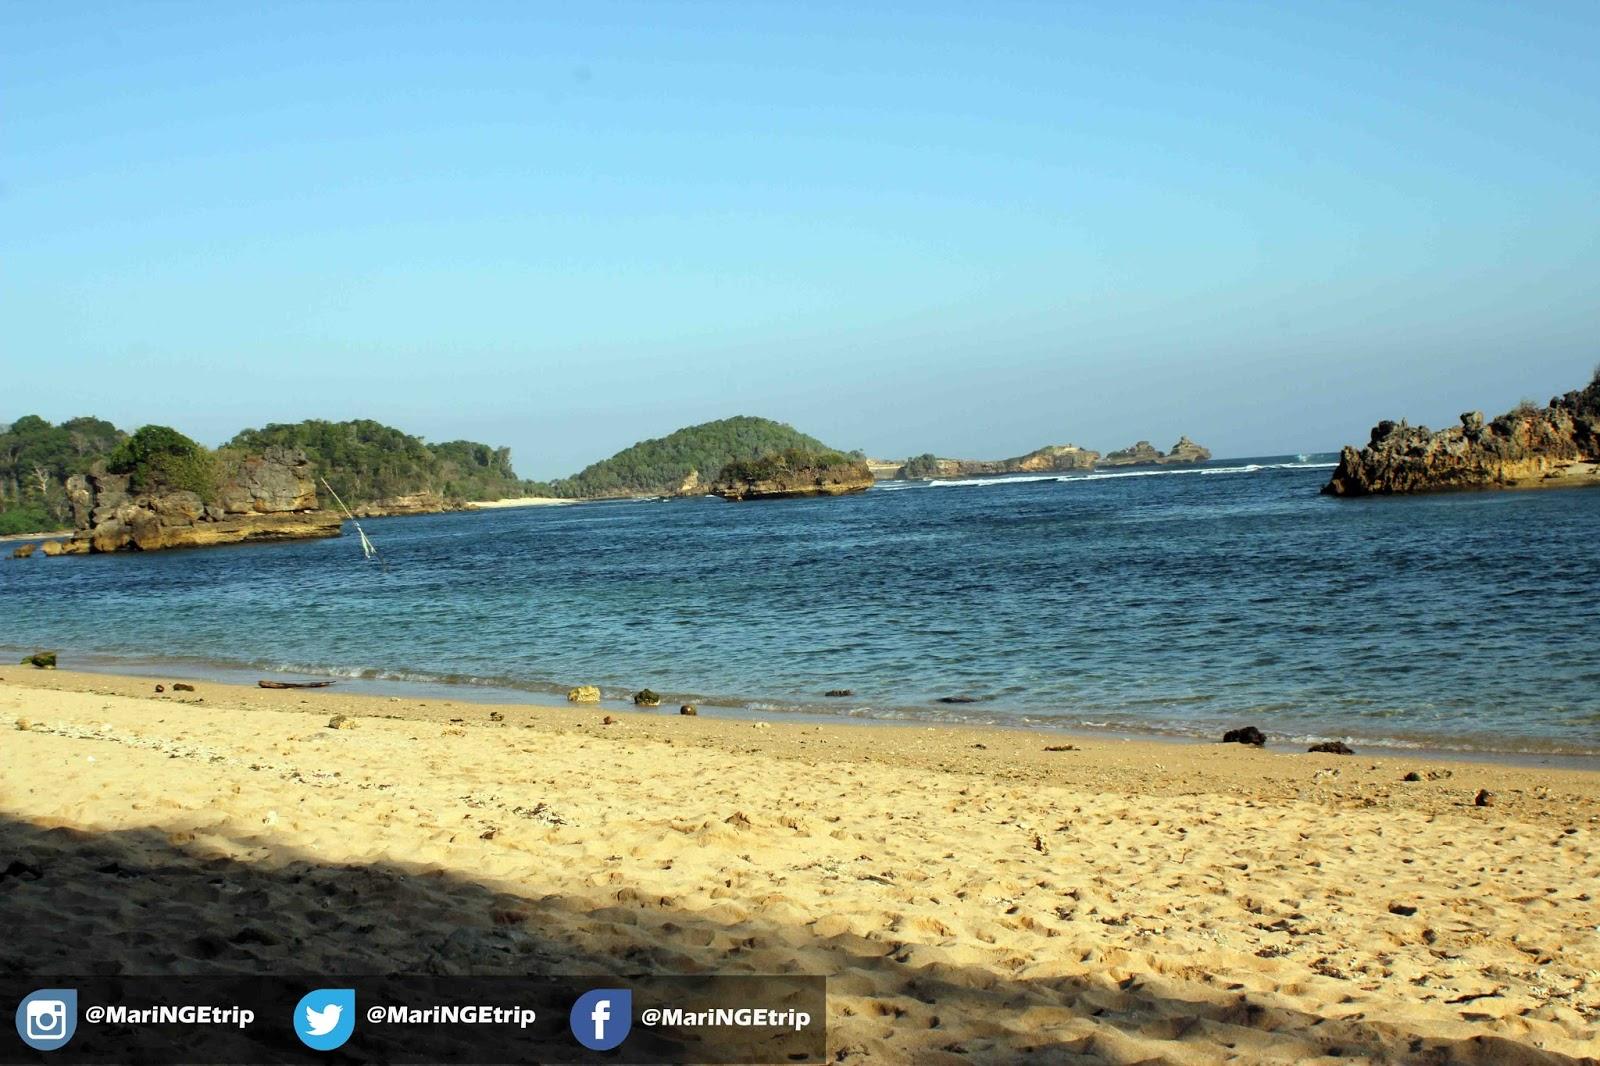 Pantai Kondang Merak Malang Wisata Indonesia Alhasil Tiba Sore Setelah